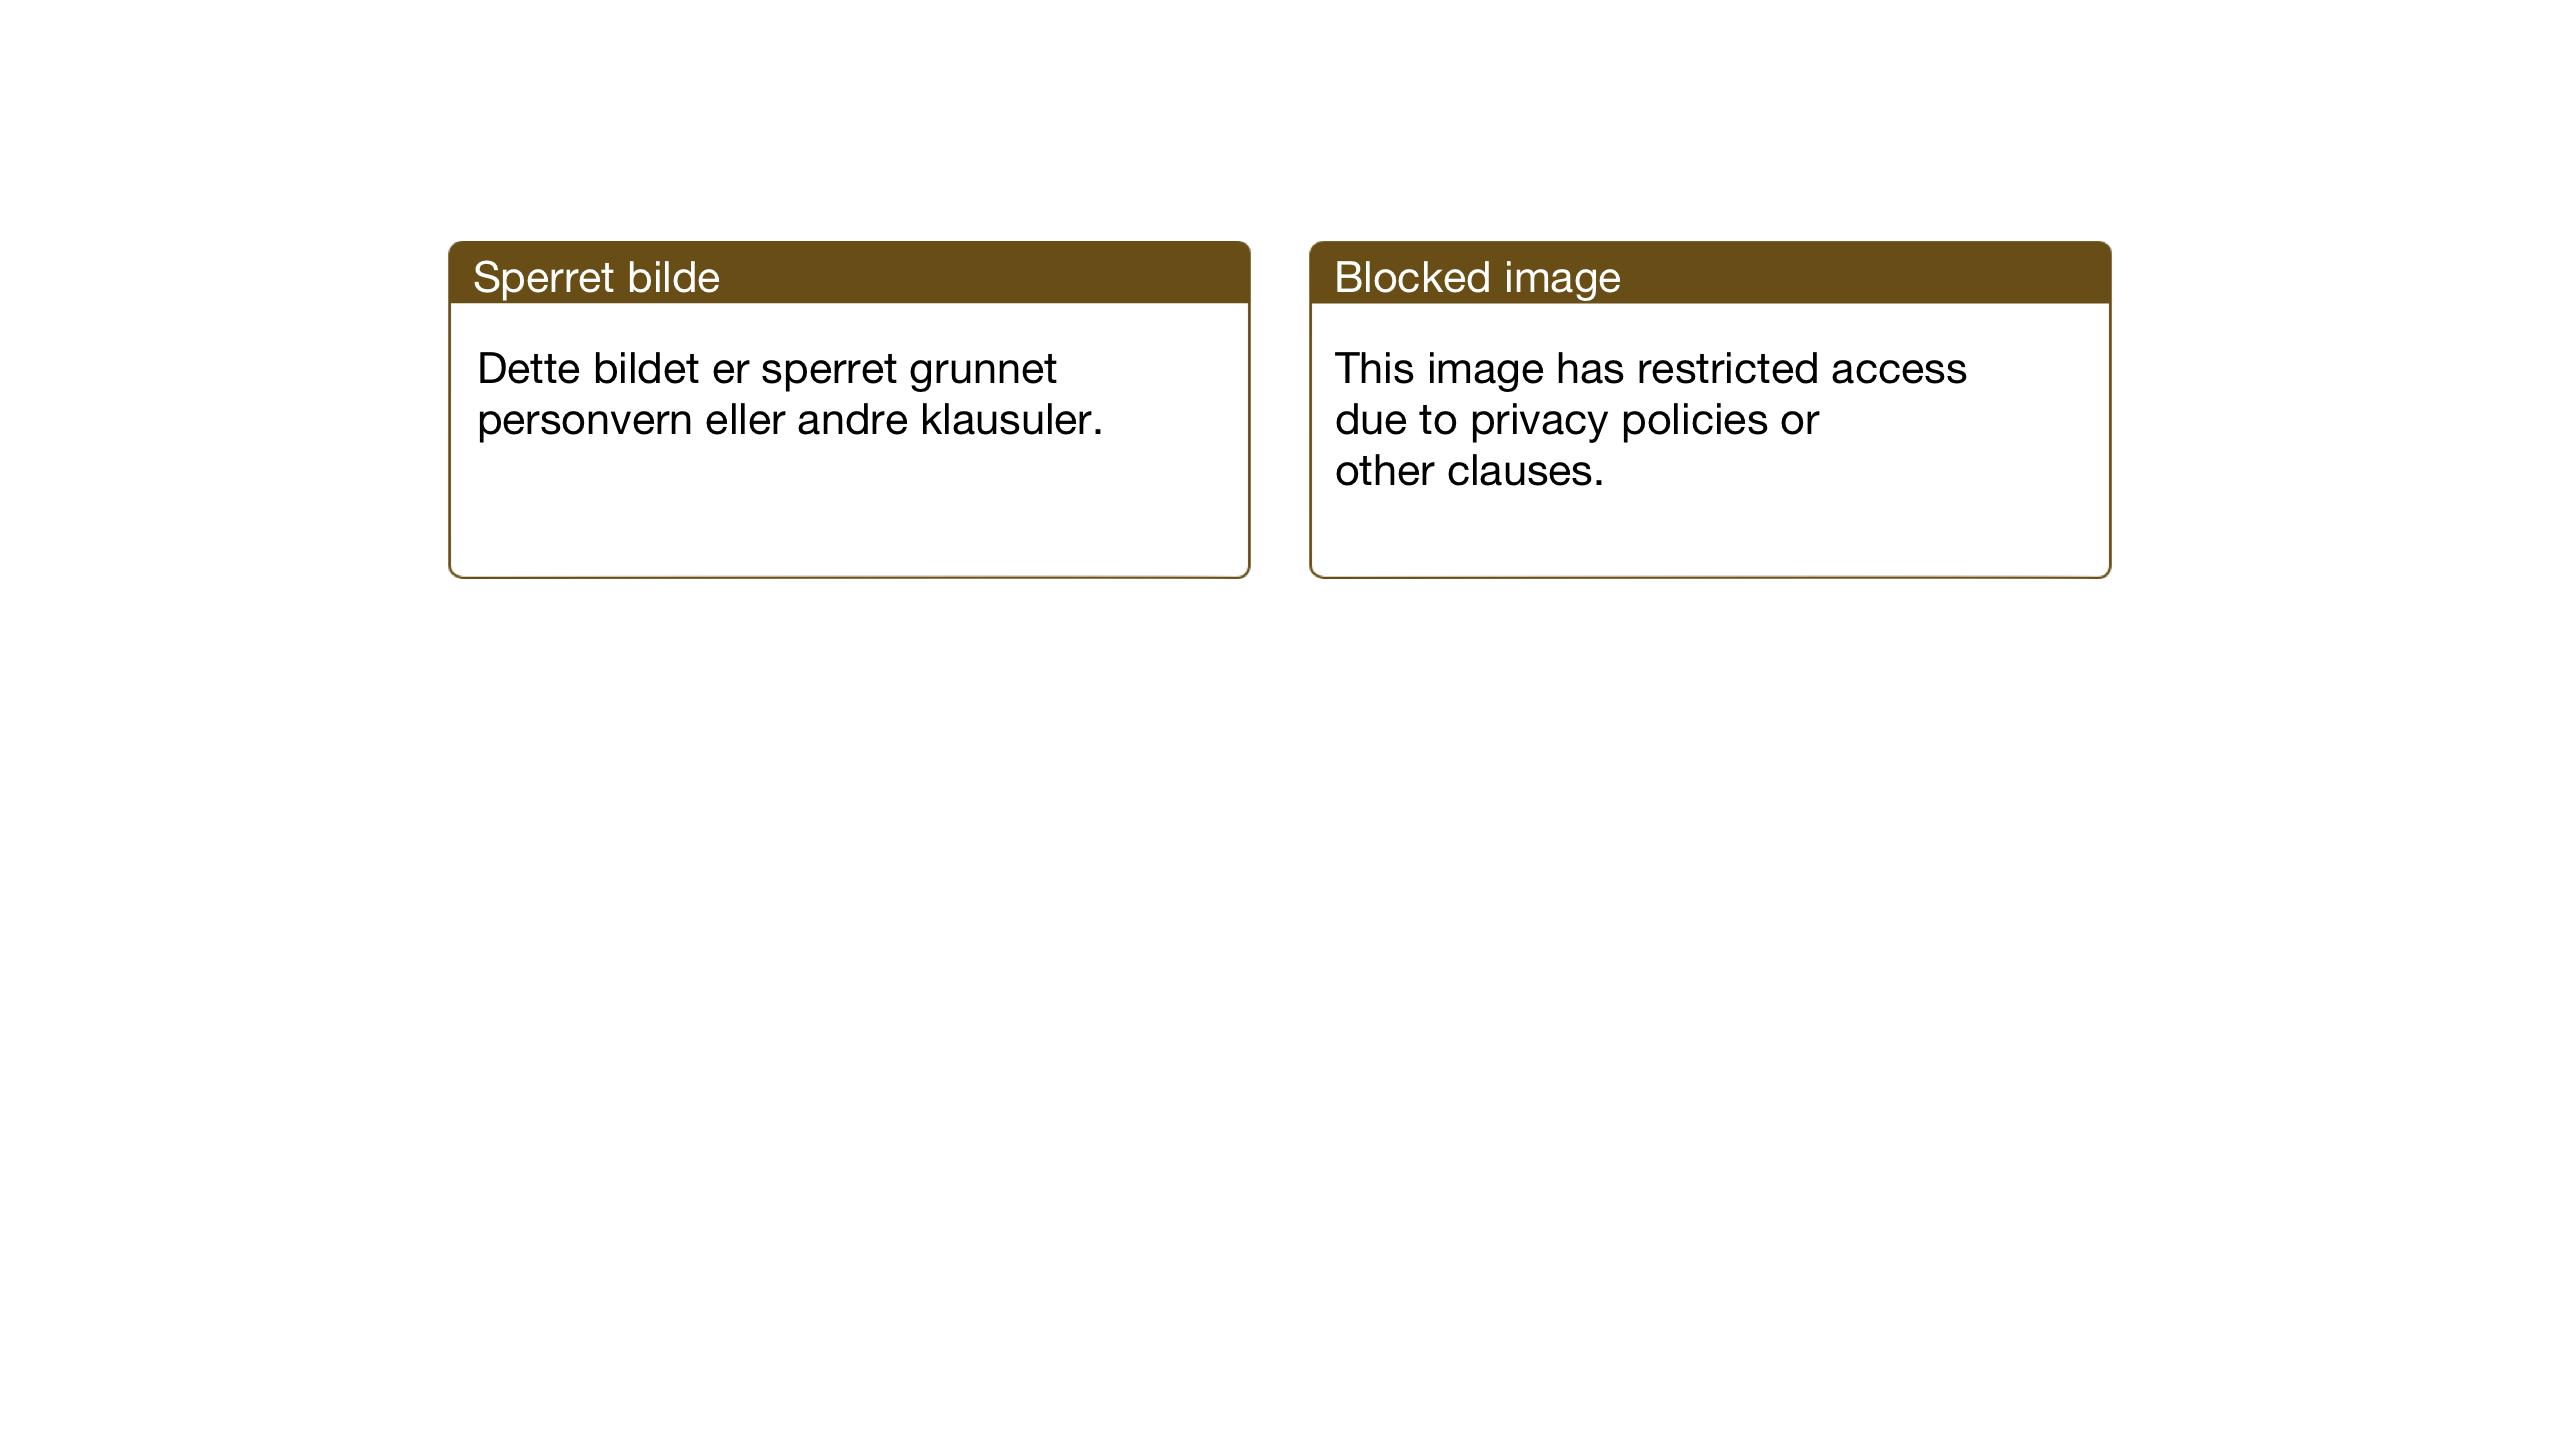 SAT, Ministerialprotokoller, klokkerbøker og fødselsregistre - Sør-Trøndelag, 602/L0120: Ministerialbok nr. 602A18, 1880-1913, s. 186